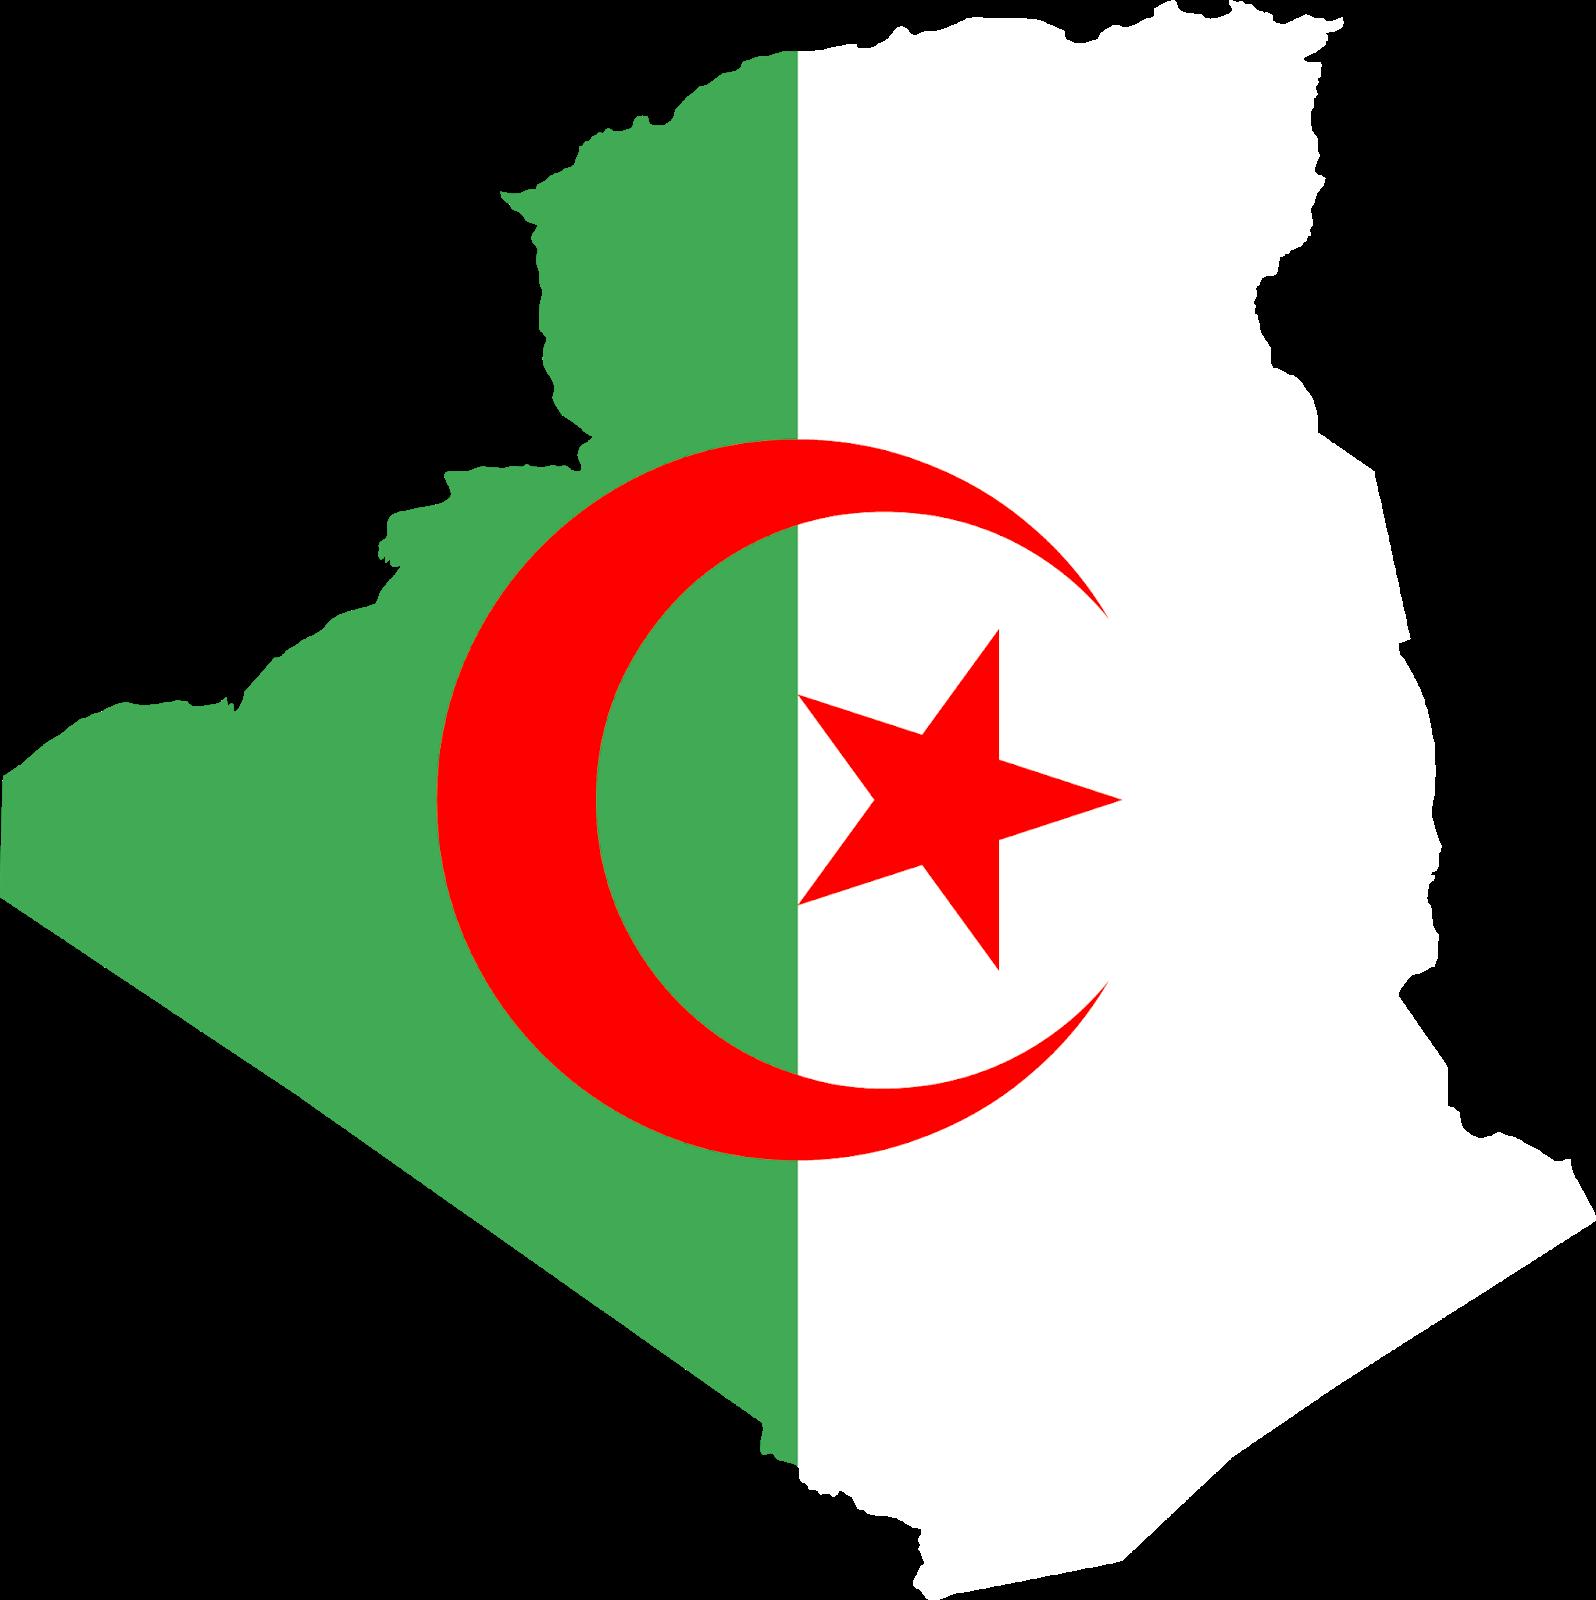 تحميل تصميم الجزائر , صورة علم الجزائر , صورة خريطة الجزائر